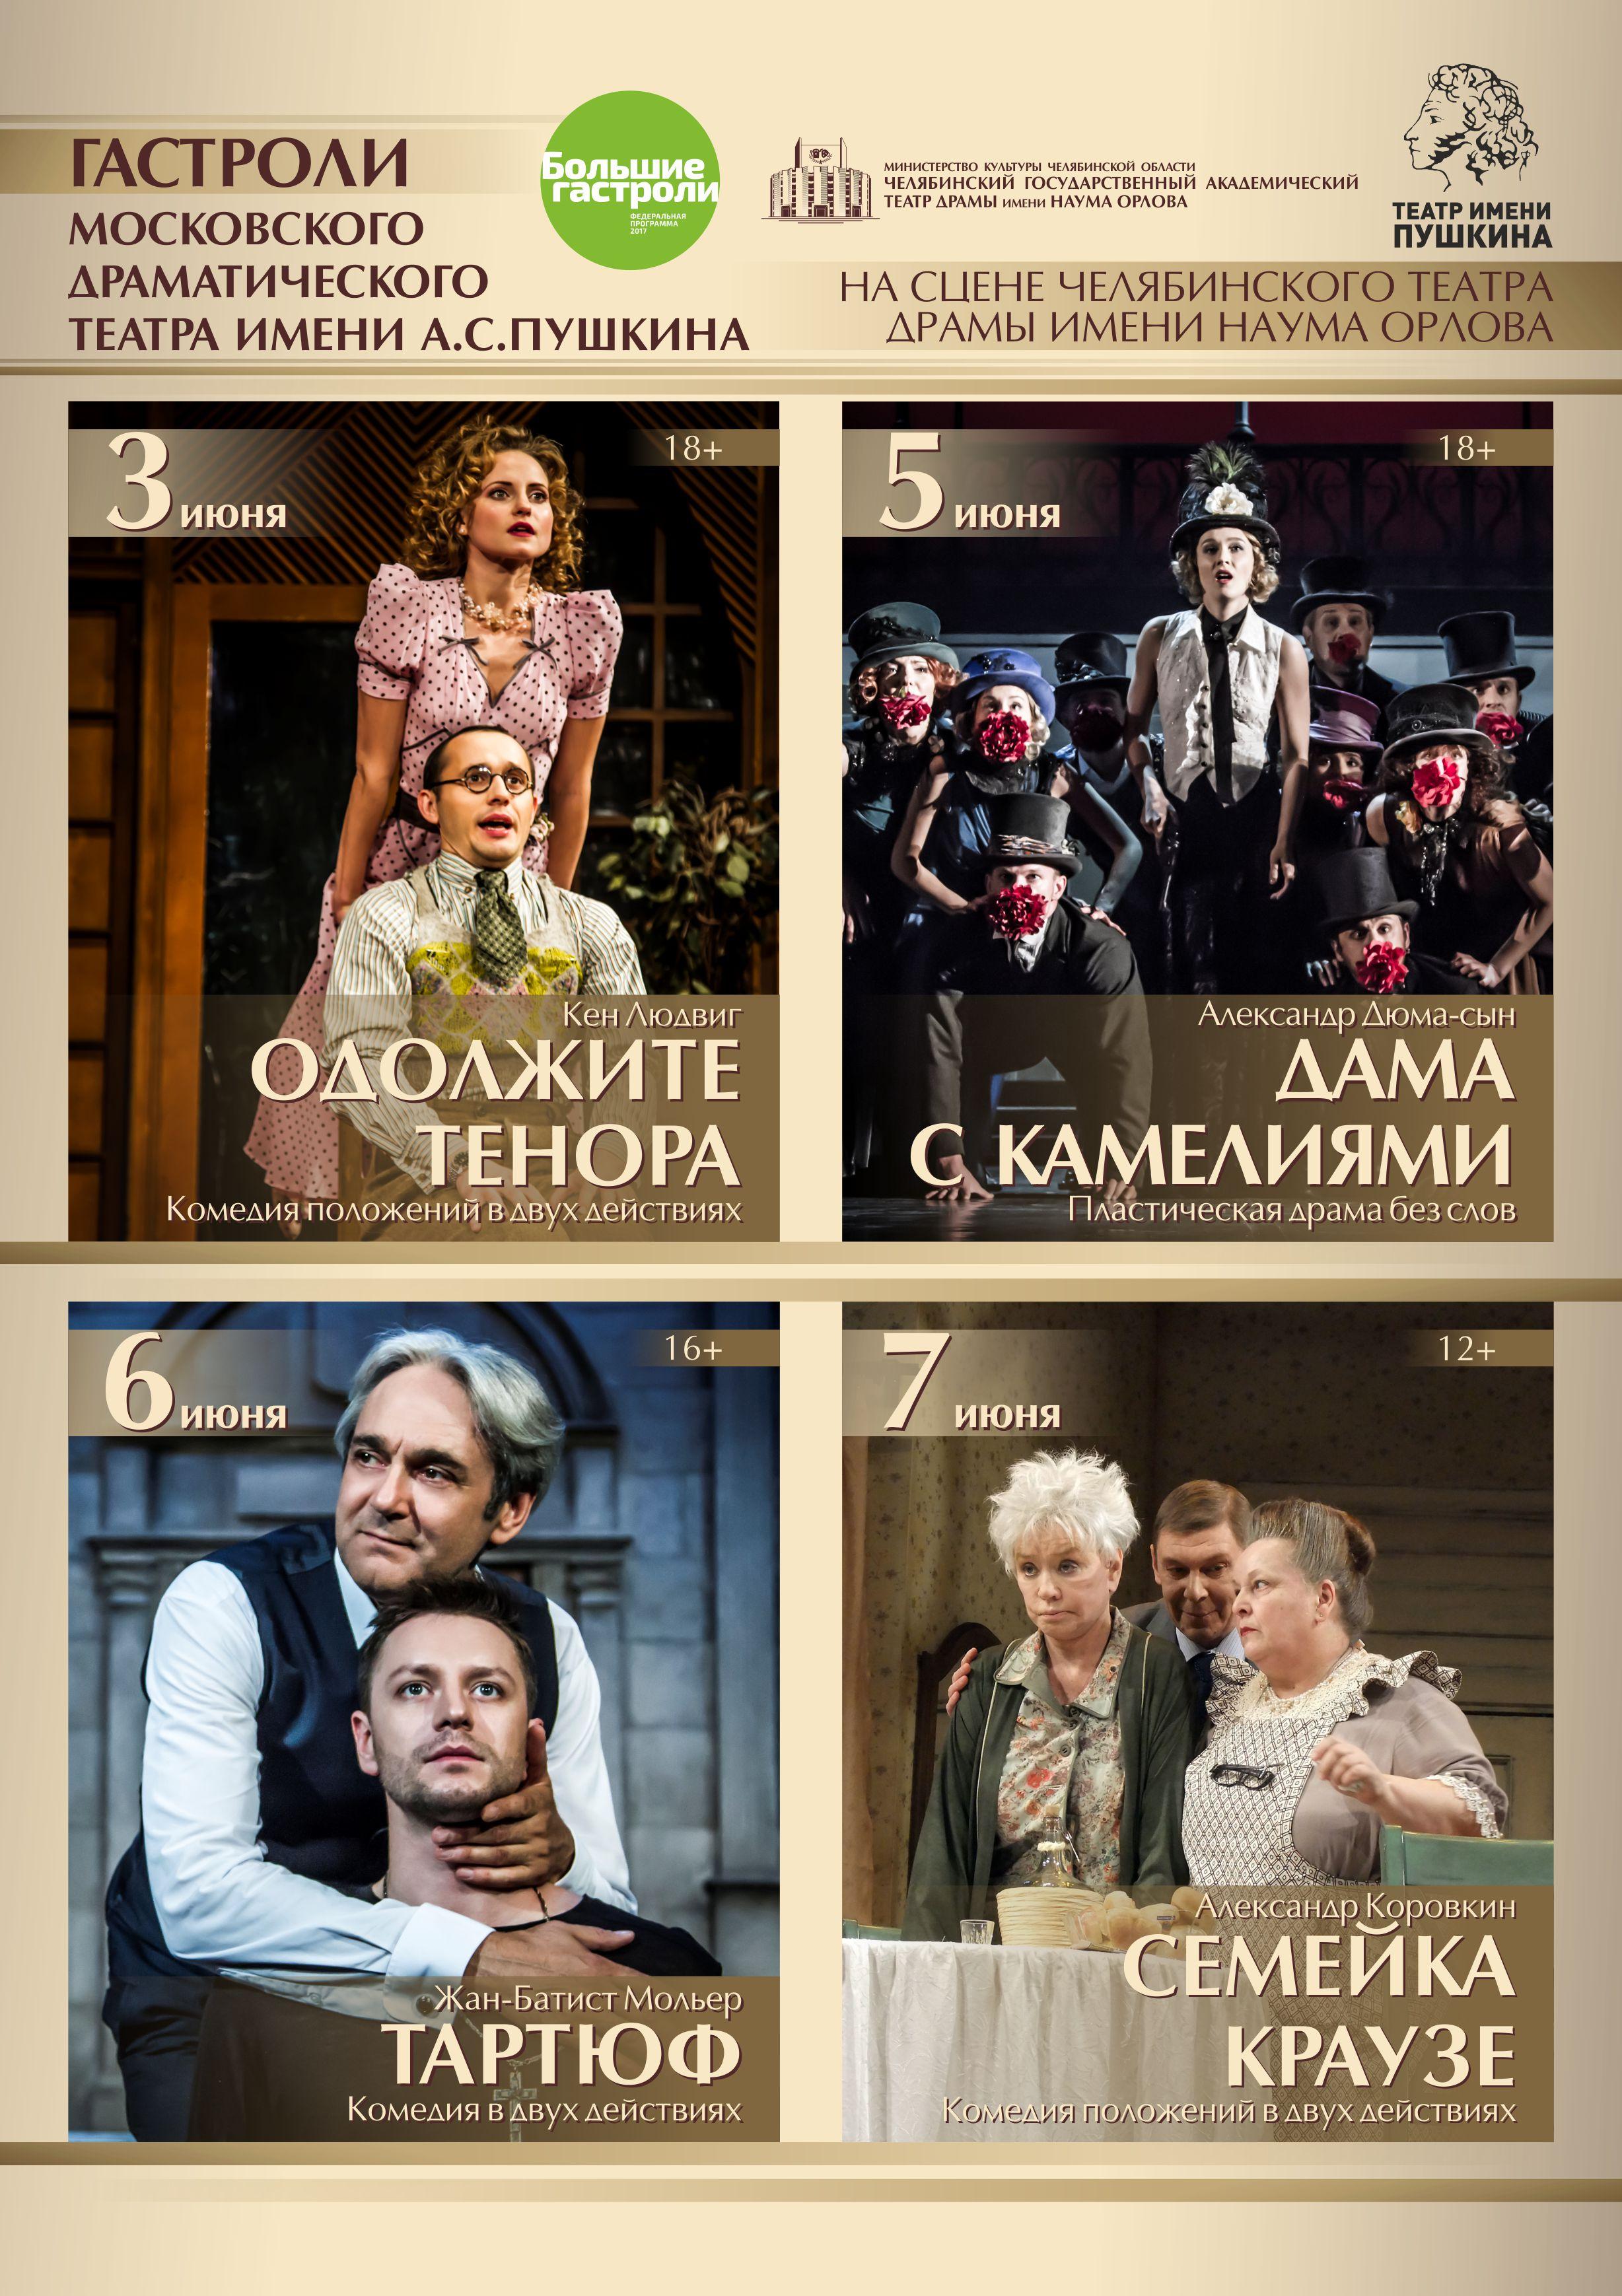 В Челябинском театре имени Наума Орлова с 3 по 7 июня состоятся гастроли Московского драматическо